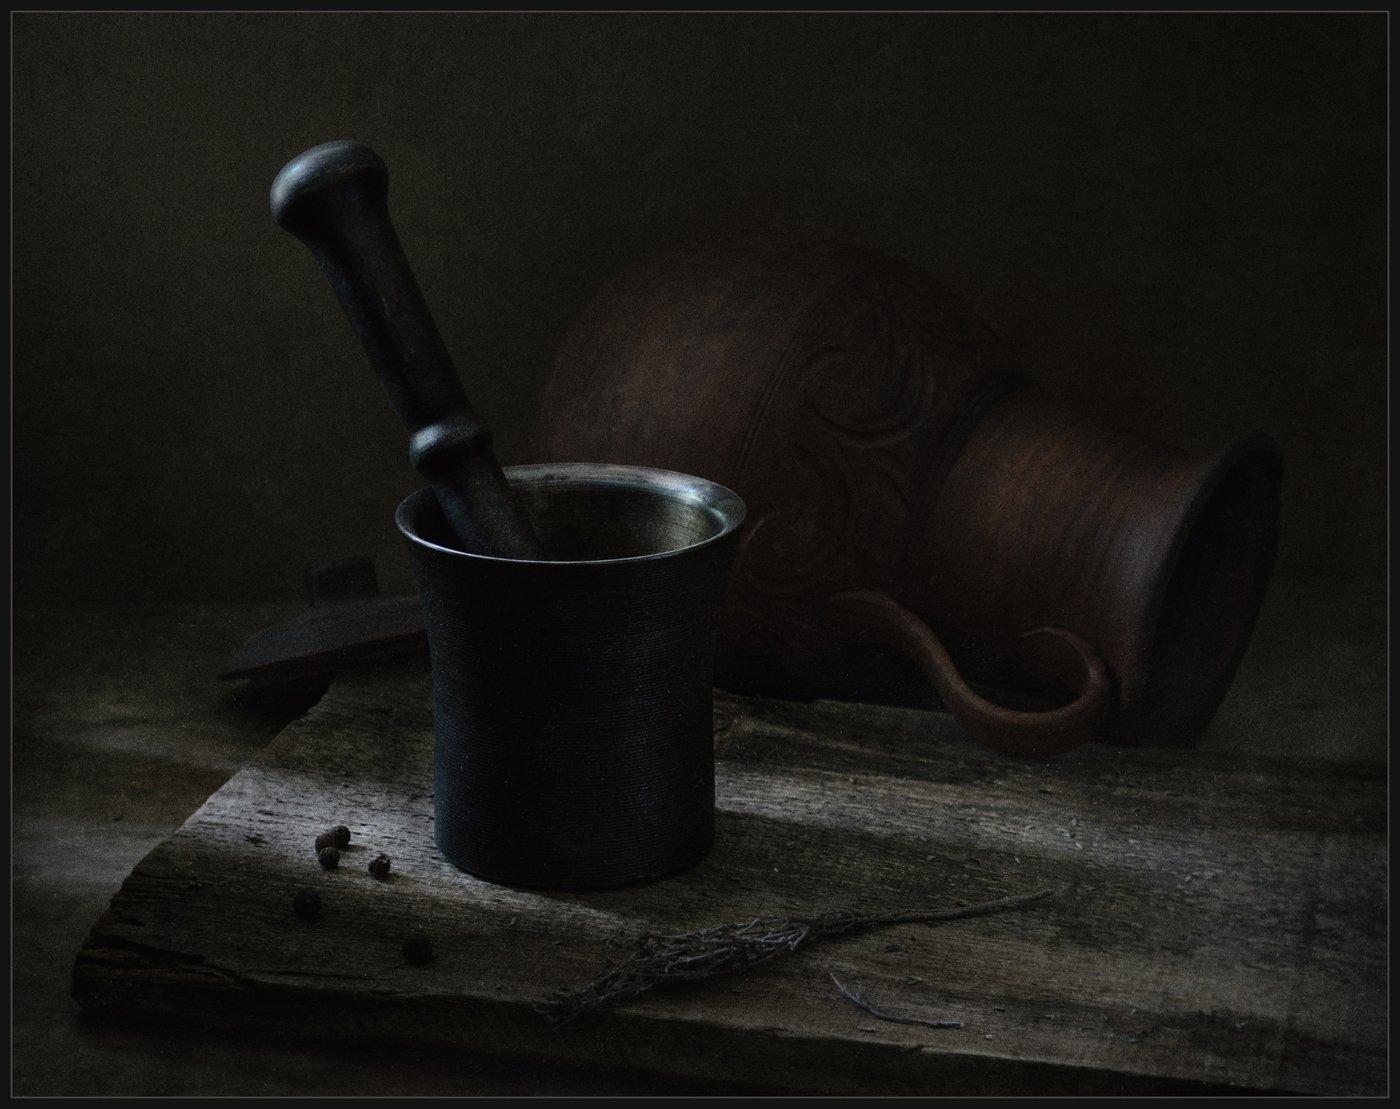 натюрморт, still life, ступка, кувшин, Андрей Угренинов